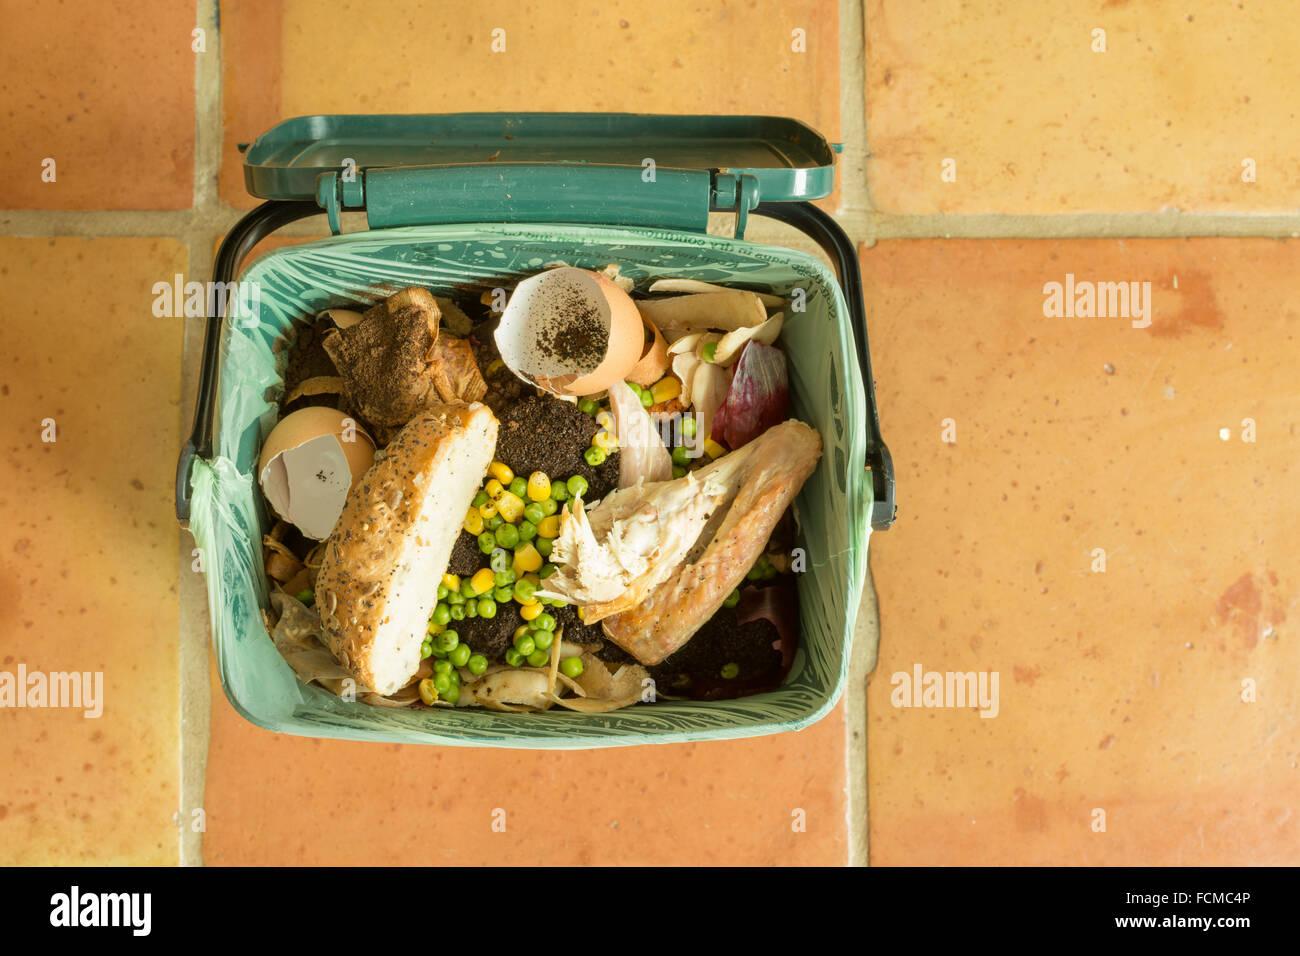 Les déchets alimentaires - recyclage alimentaire intérieure caddy plein de déchets de cuisine y compris Photo Stock